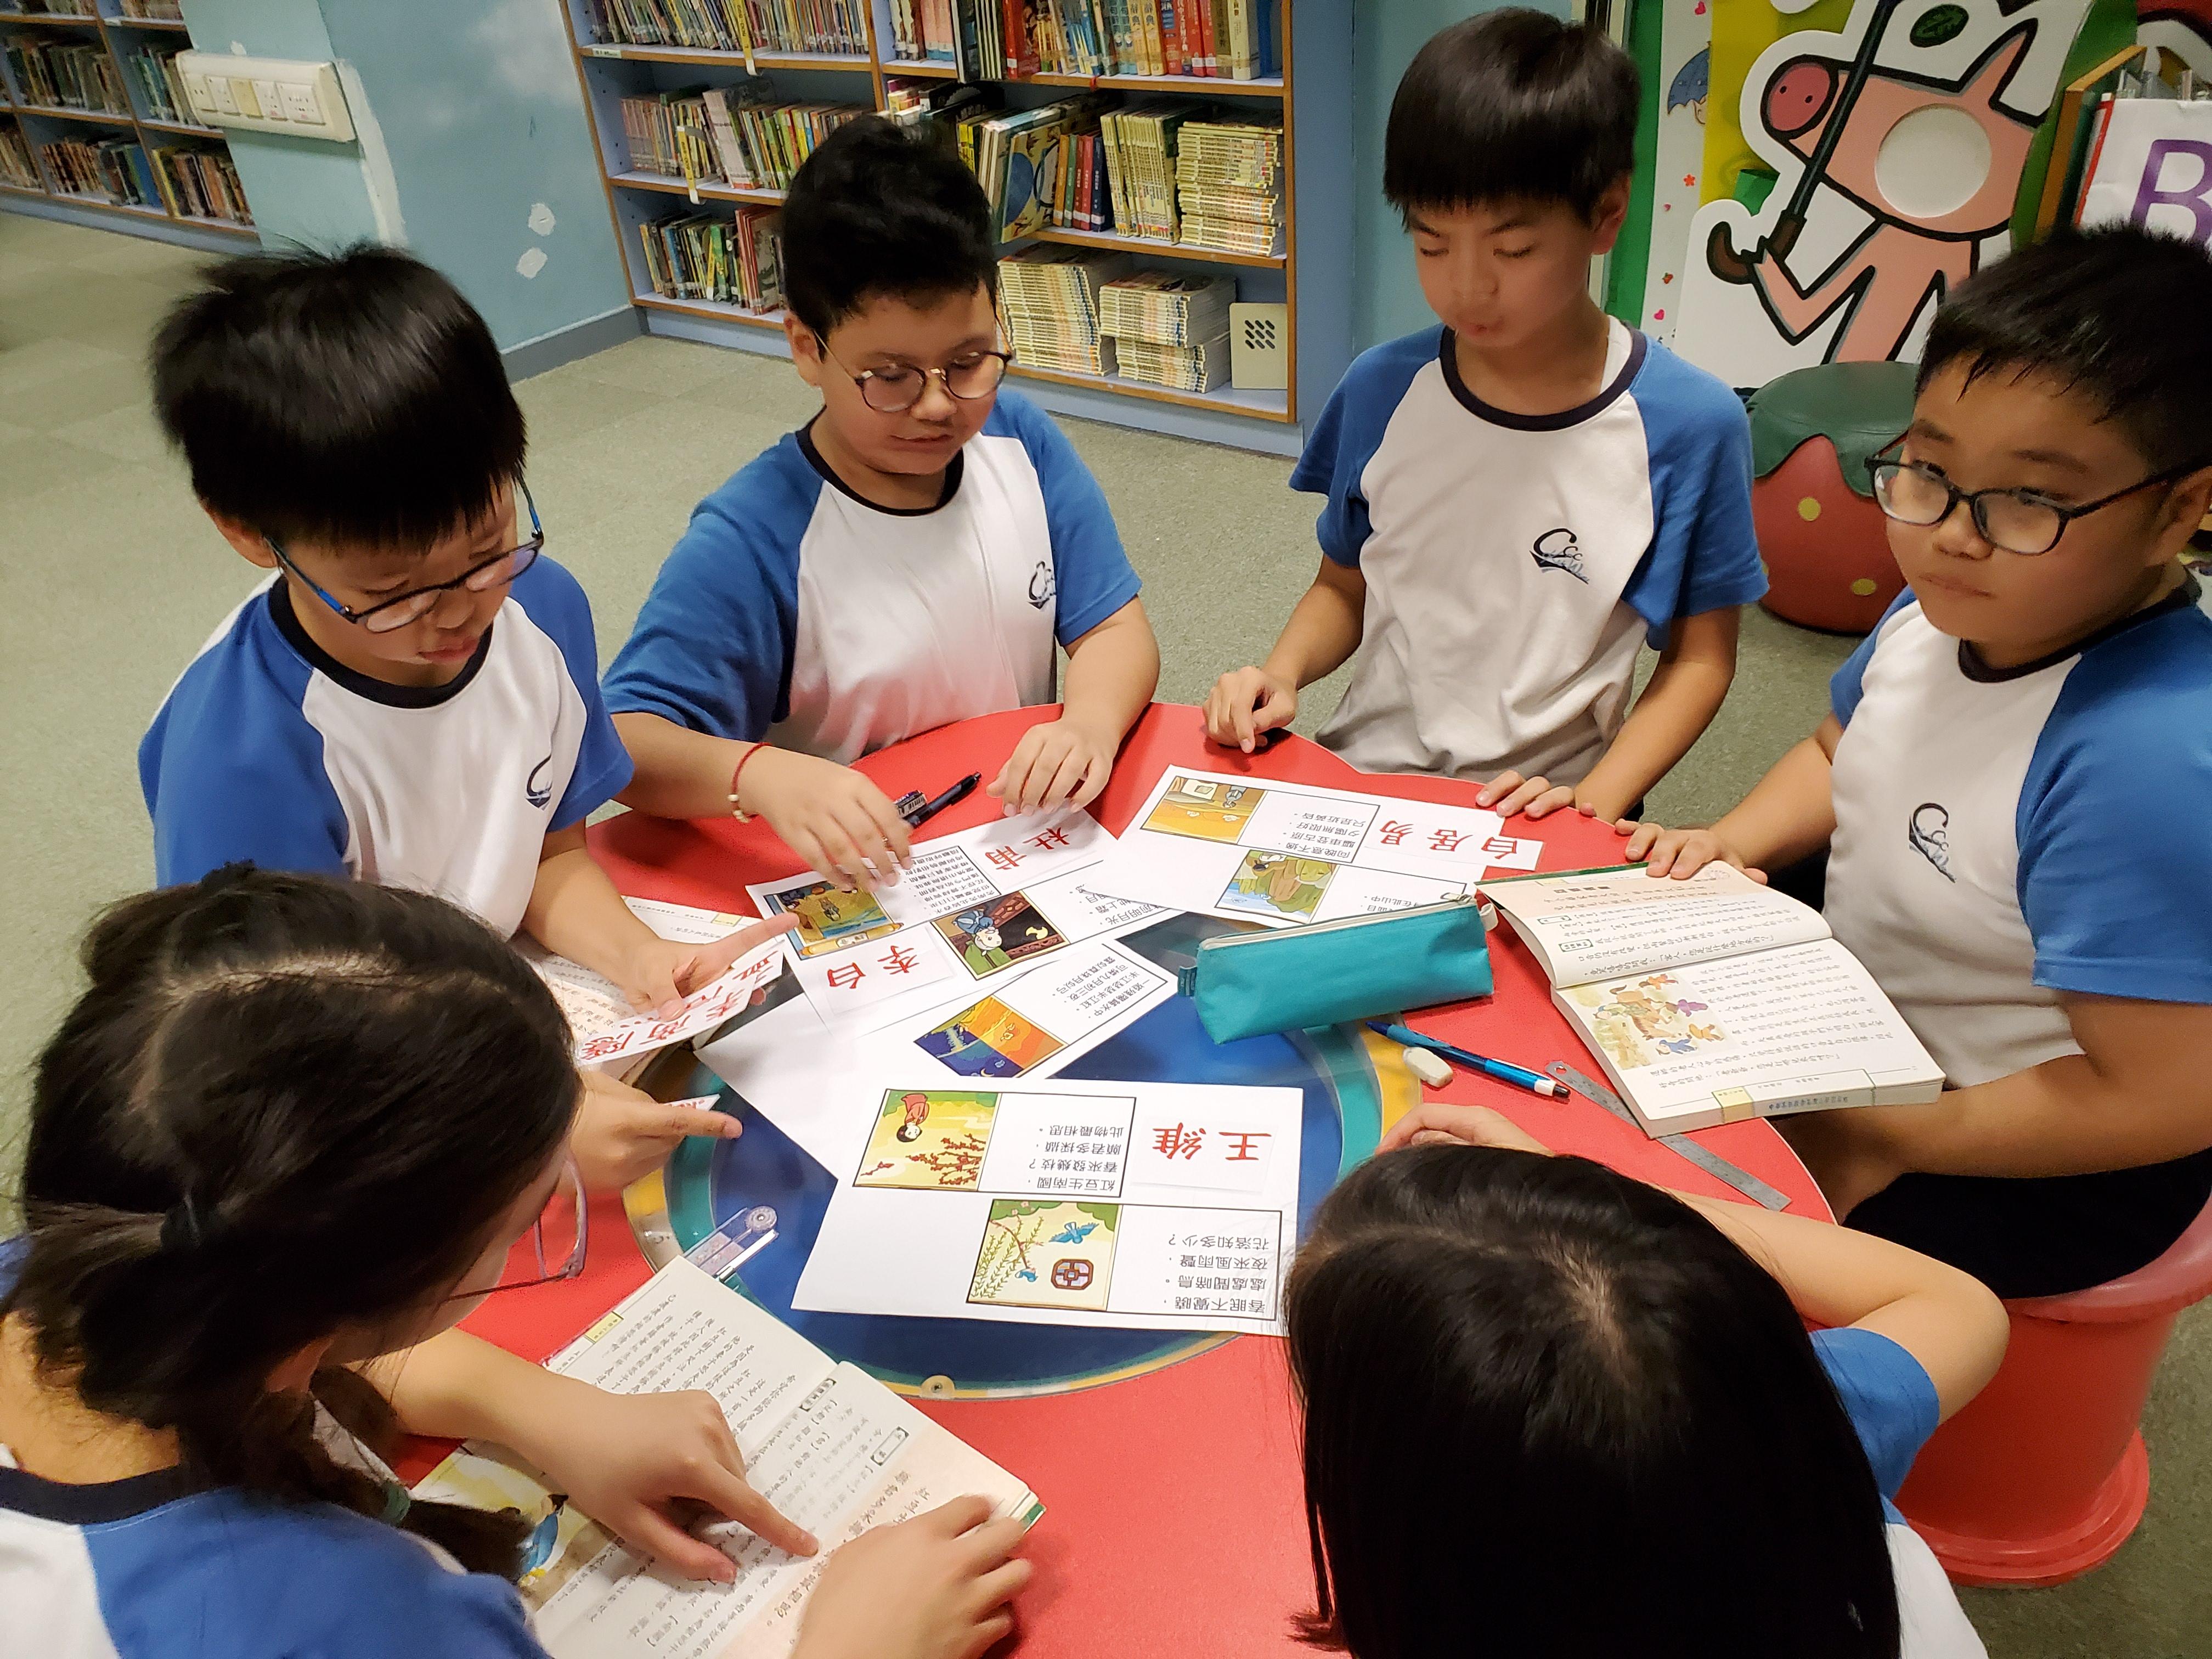 http://www.keiwan.edu.hk/sites/default/files/20191023_145951.jpg